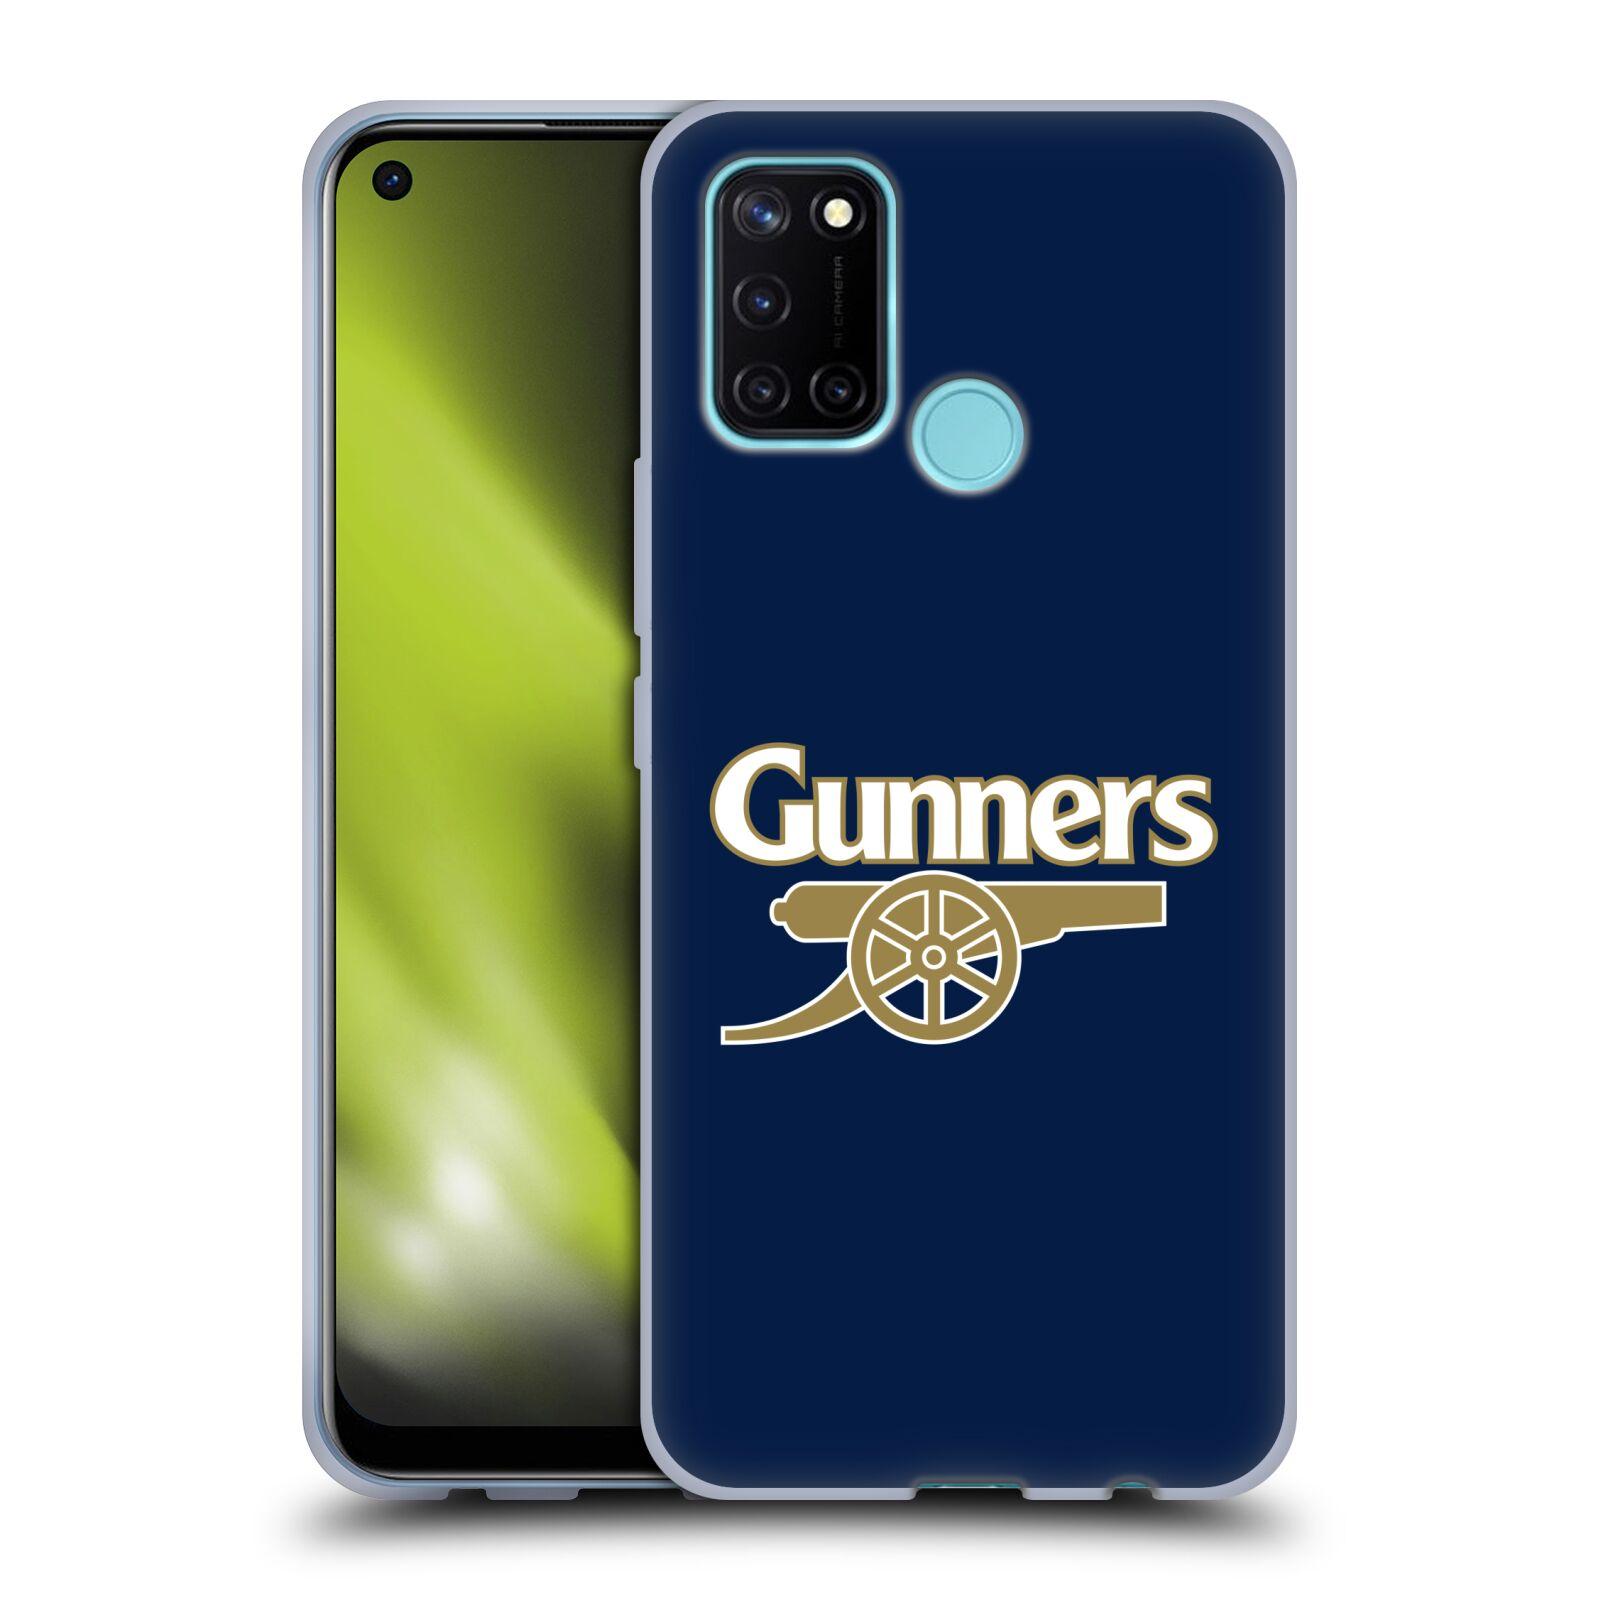 Silikonové pouzdro na mobil Realme 7i - Head Case - Arsenal FC - Gunners